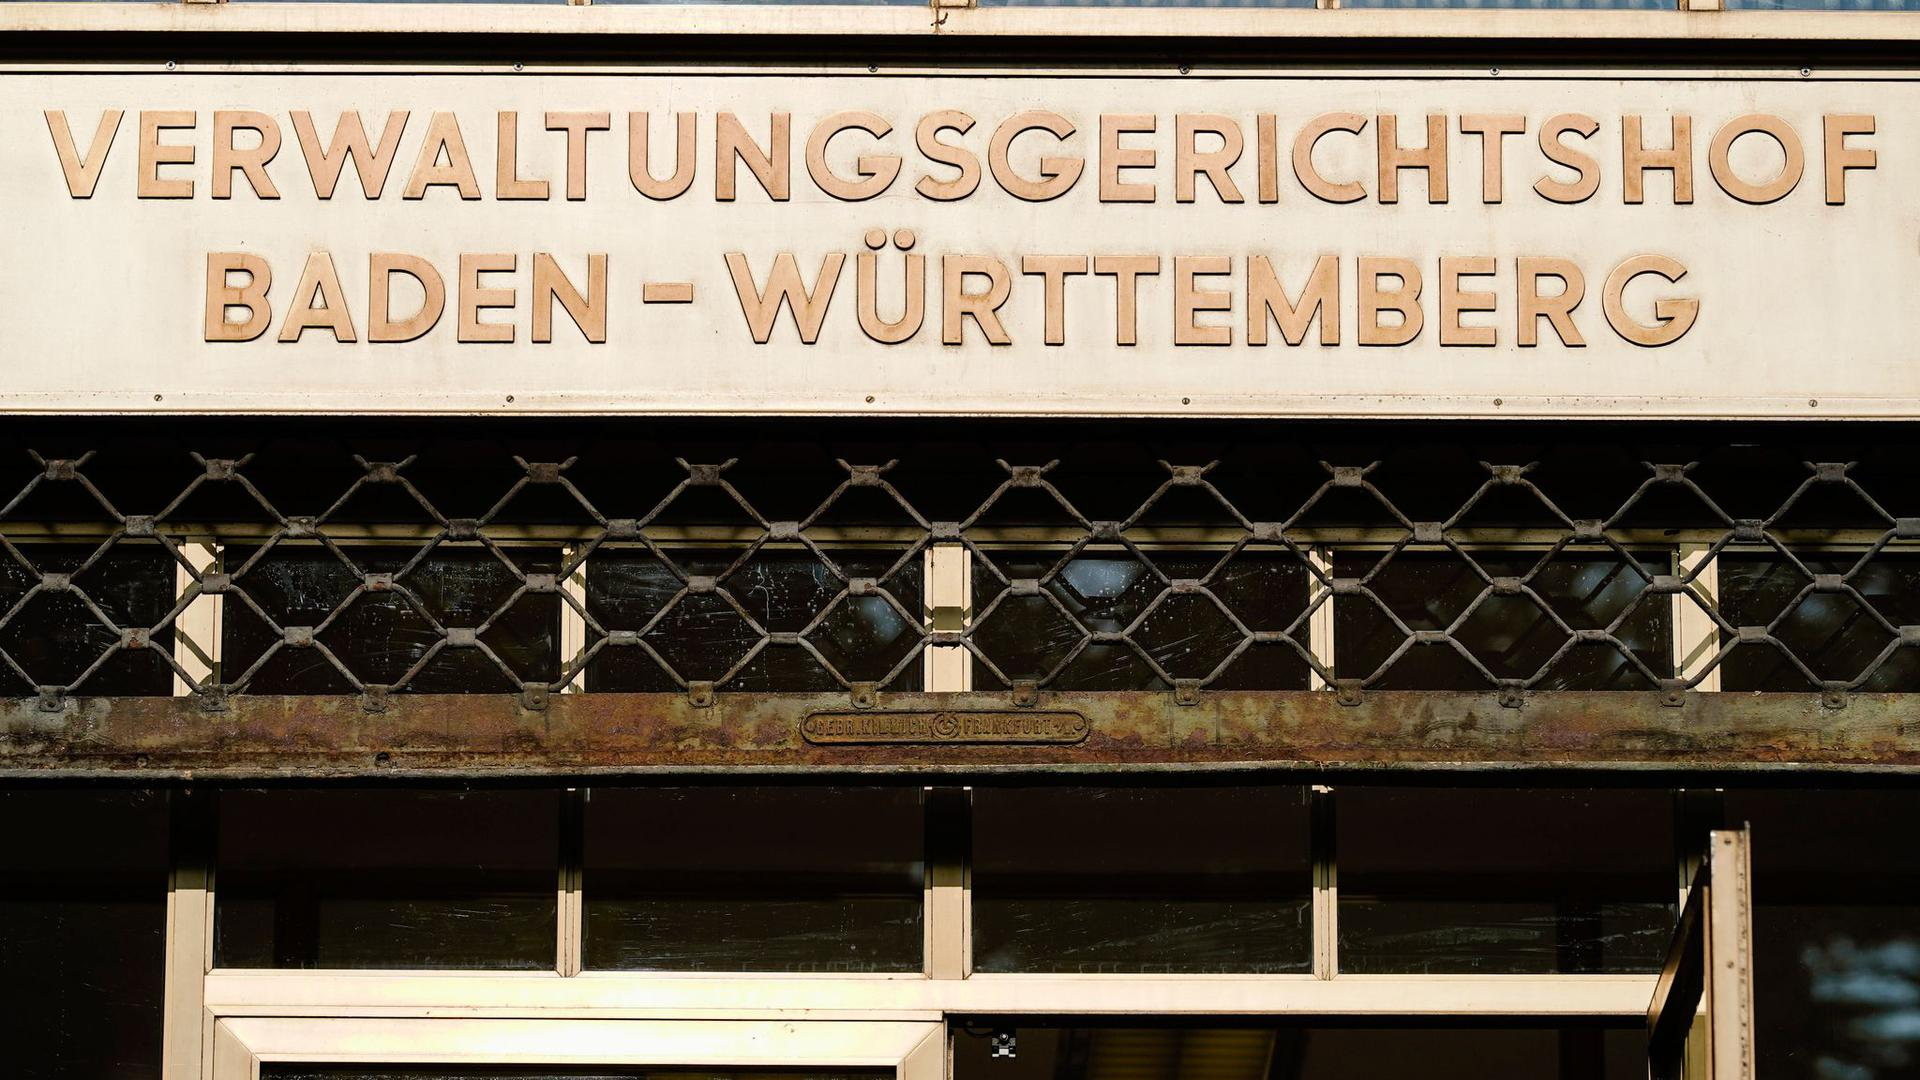 """Der Schriftzug """"Verwaltungsgerichtshof Baden-Württemberg"""" ist über dem Haupteingang des baden-württembergischen Verwaltungsgerichtshofs angebracht."""